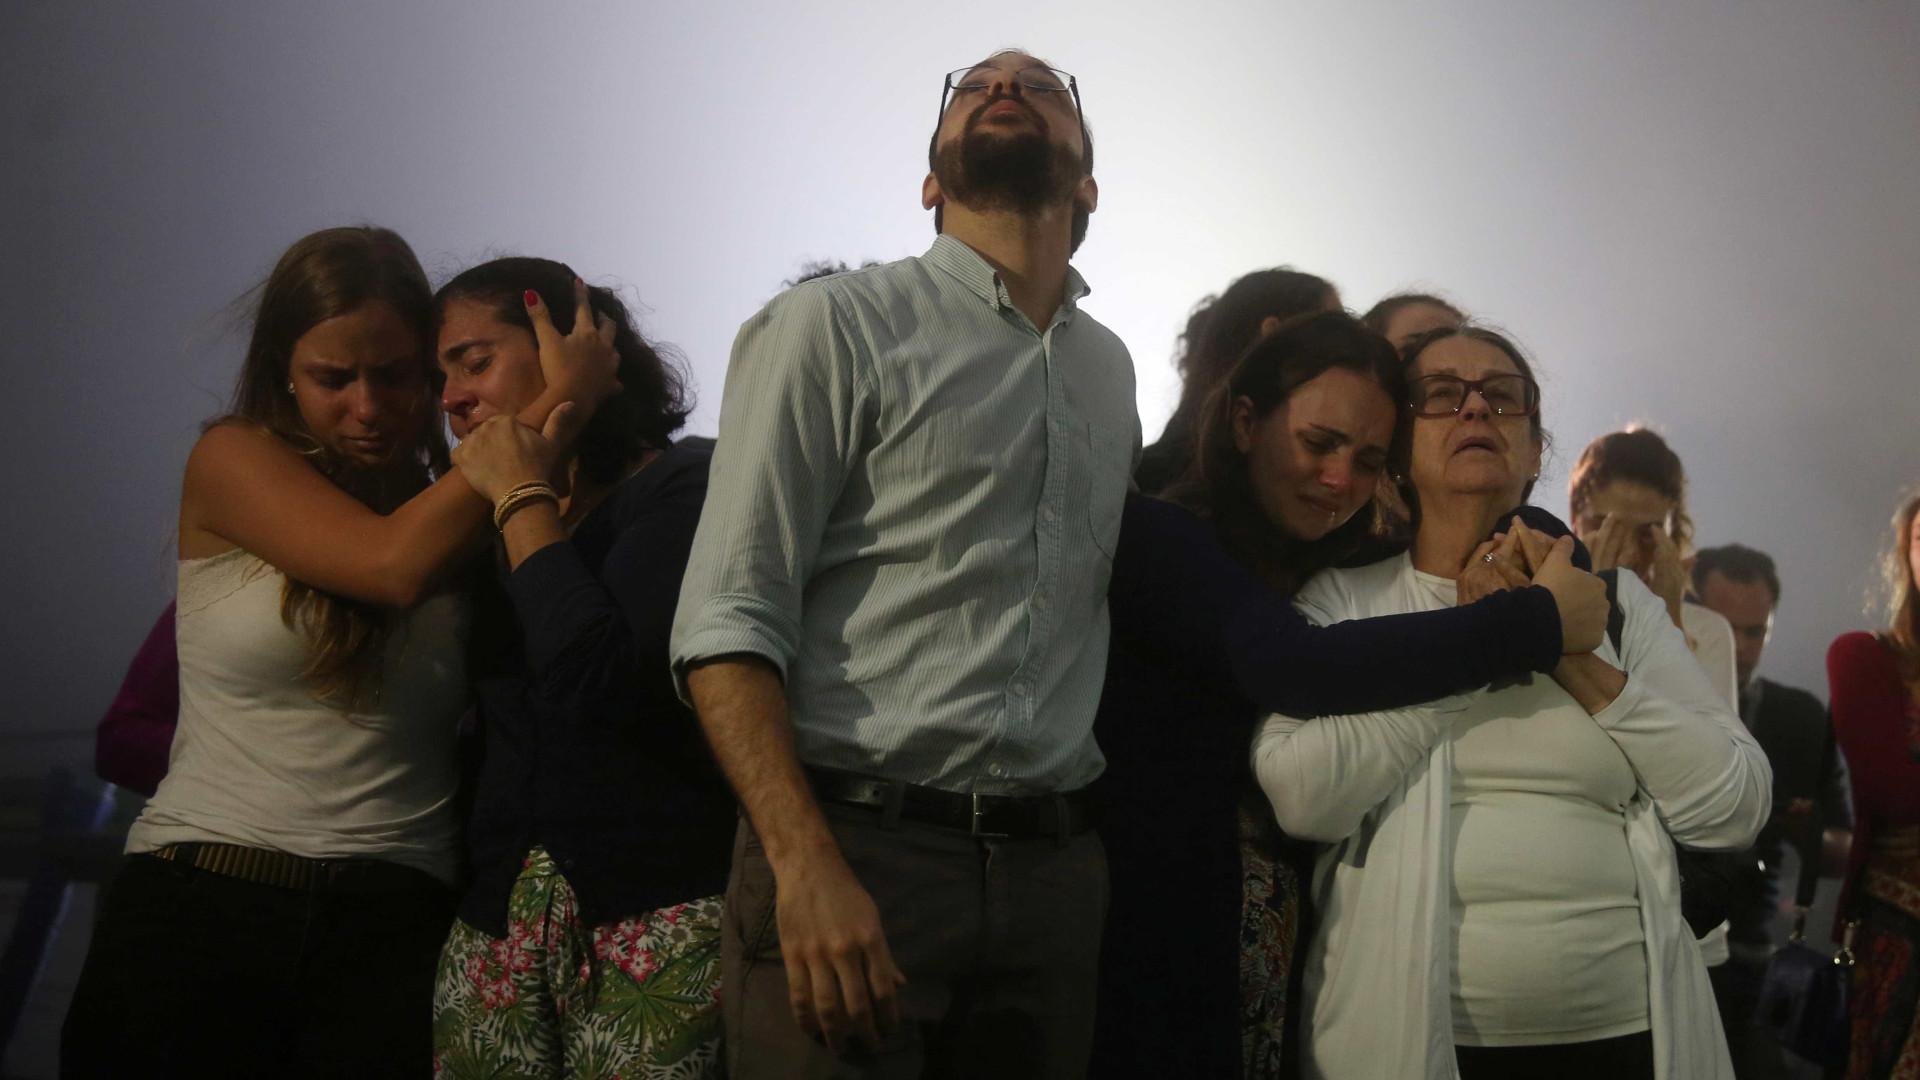 Um dia após a tragédia choram-se os 71 mortos e pedem-se respostas